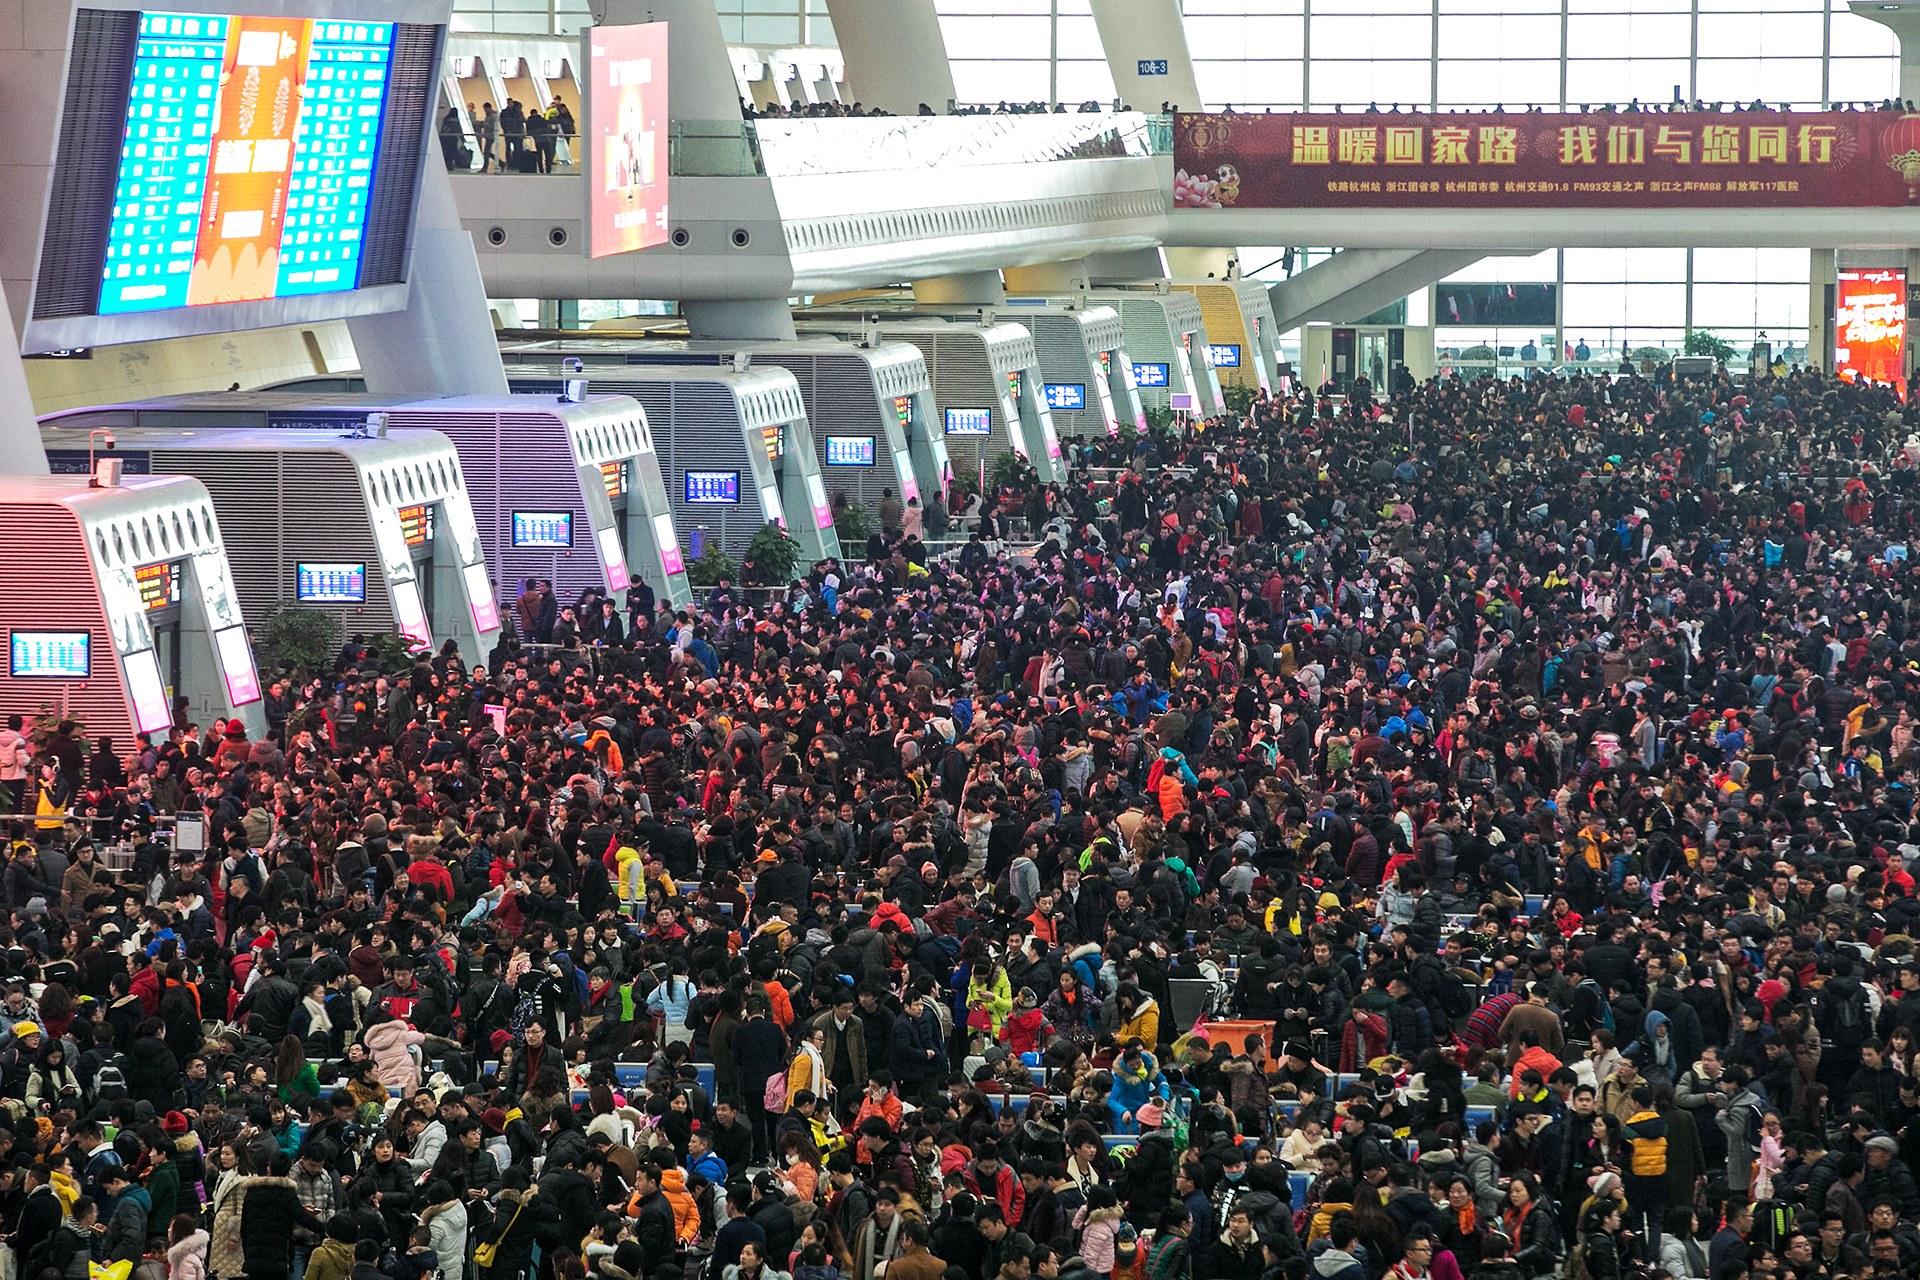 Du lịch: 10 điều về Trung Quốc mà chắc chắn bạn còn chưa biết